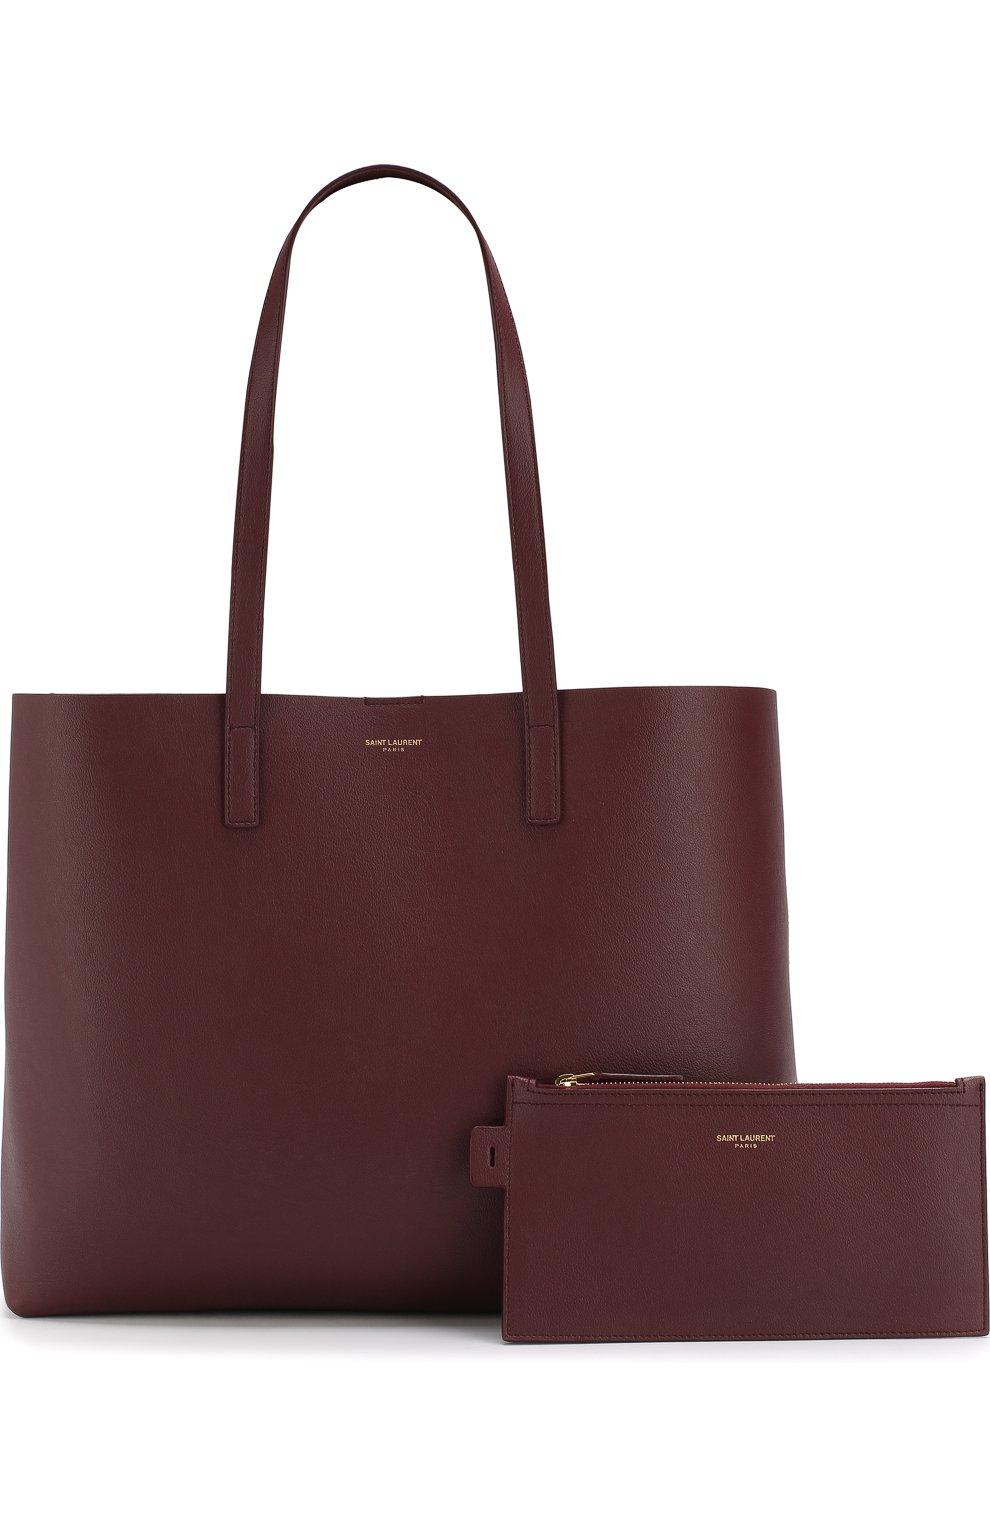 6678c358ecb2 сумки Saint Laurent по цене от 47 000 руб купить в интернет